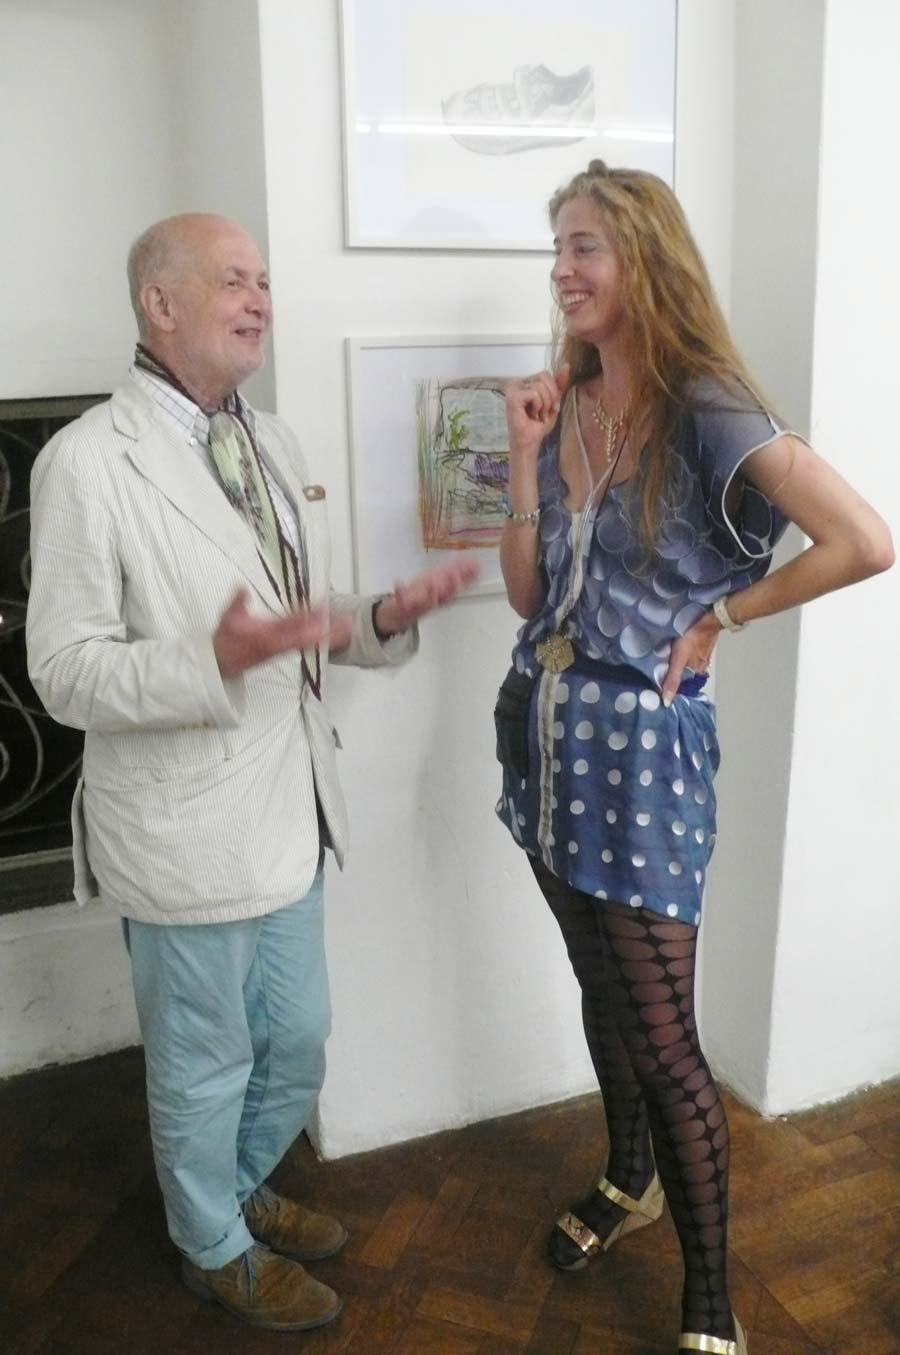 Herbert Lachmayer, Elke Silvia Krystufek, Büro Weltausstellung, Juni 2014, Foto © Stefan Bidner